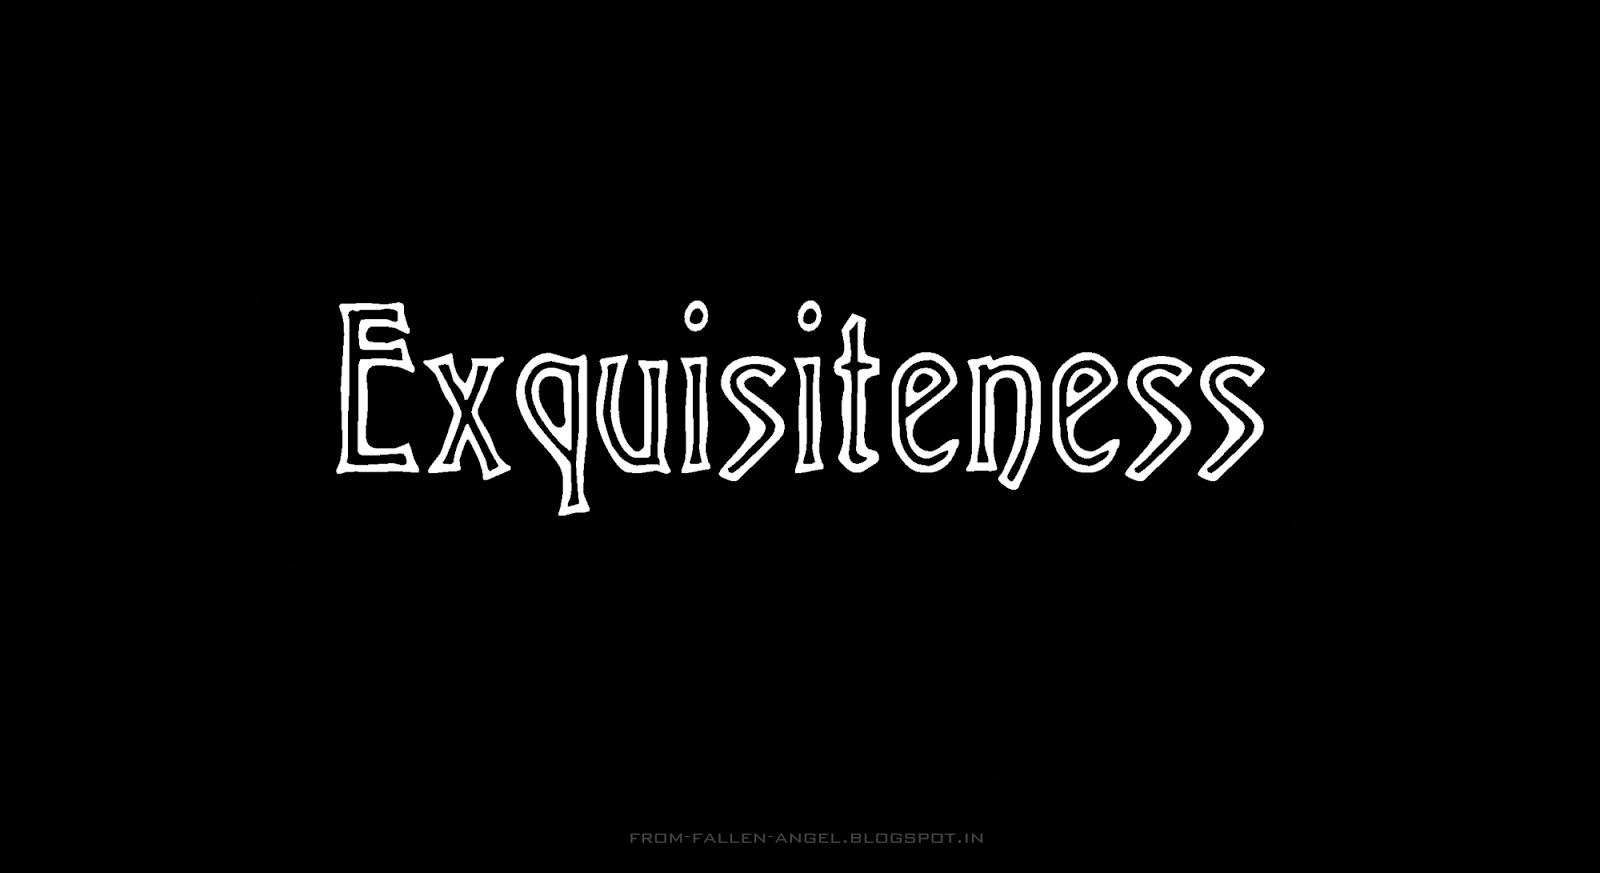 exquisiteness